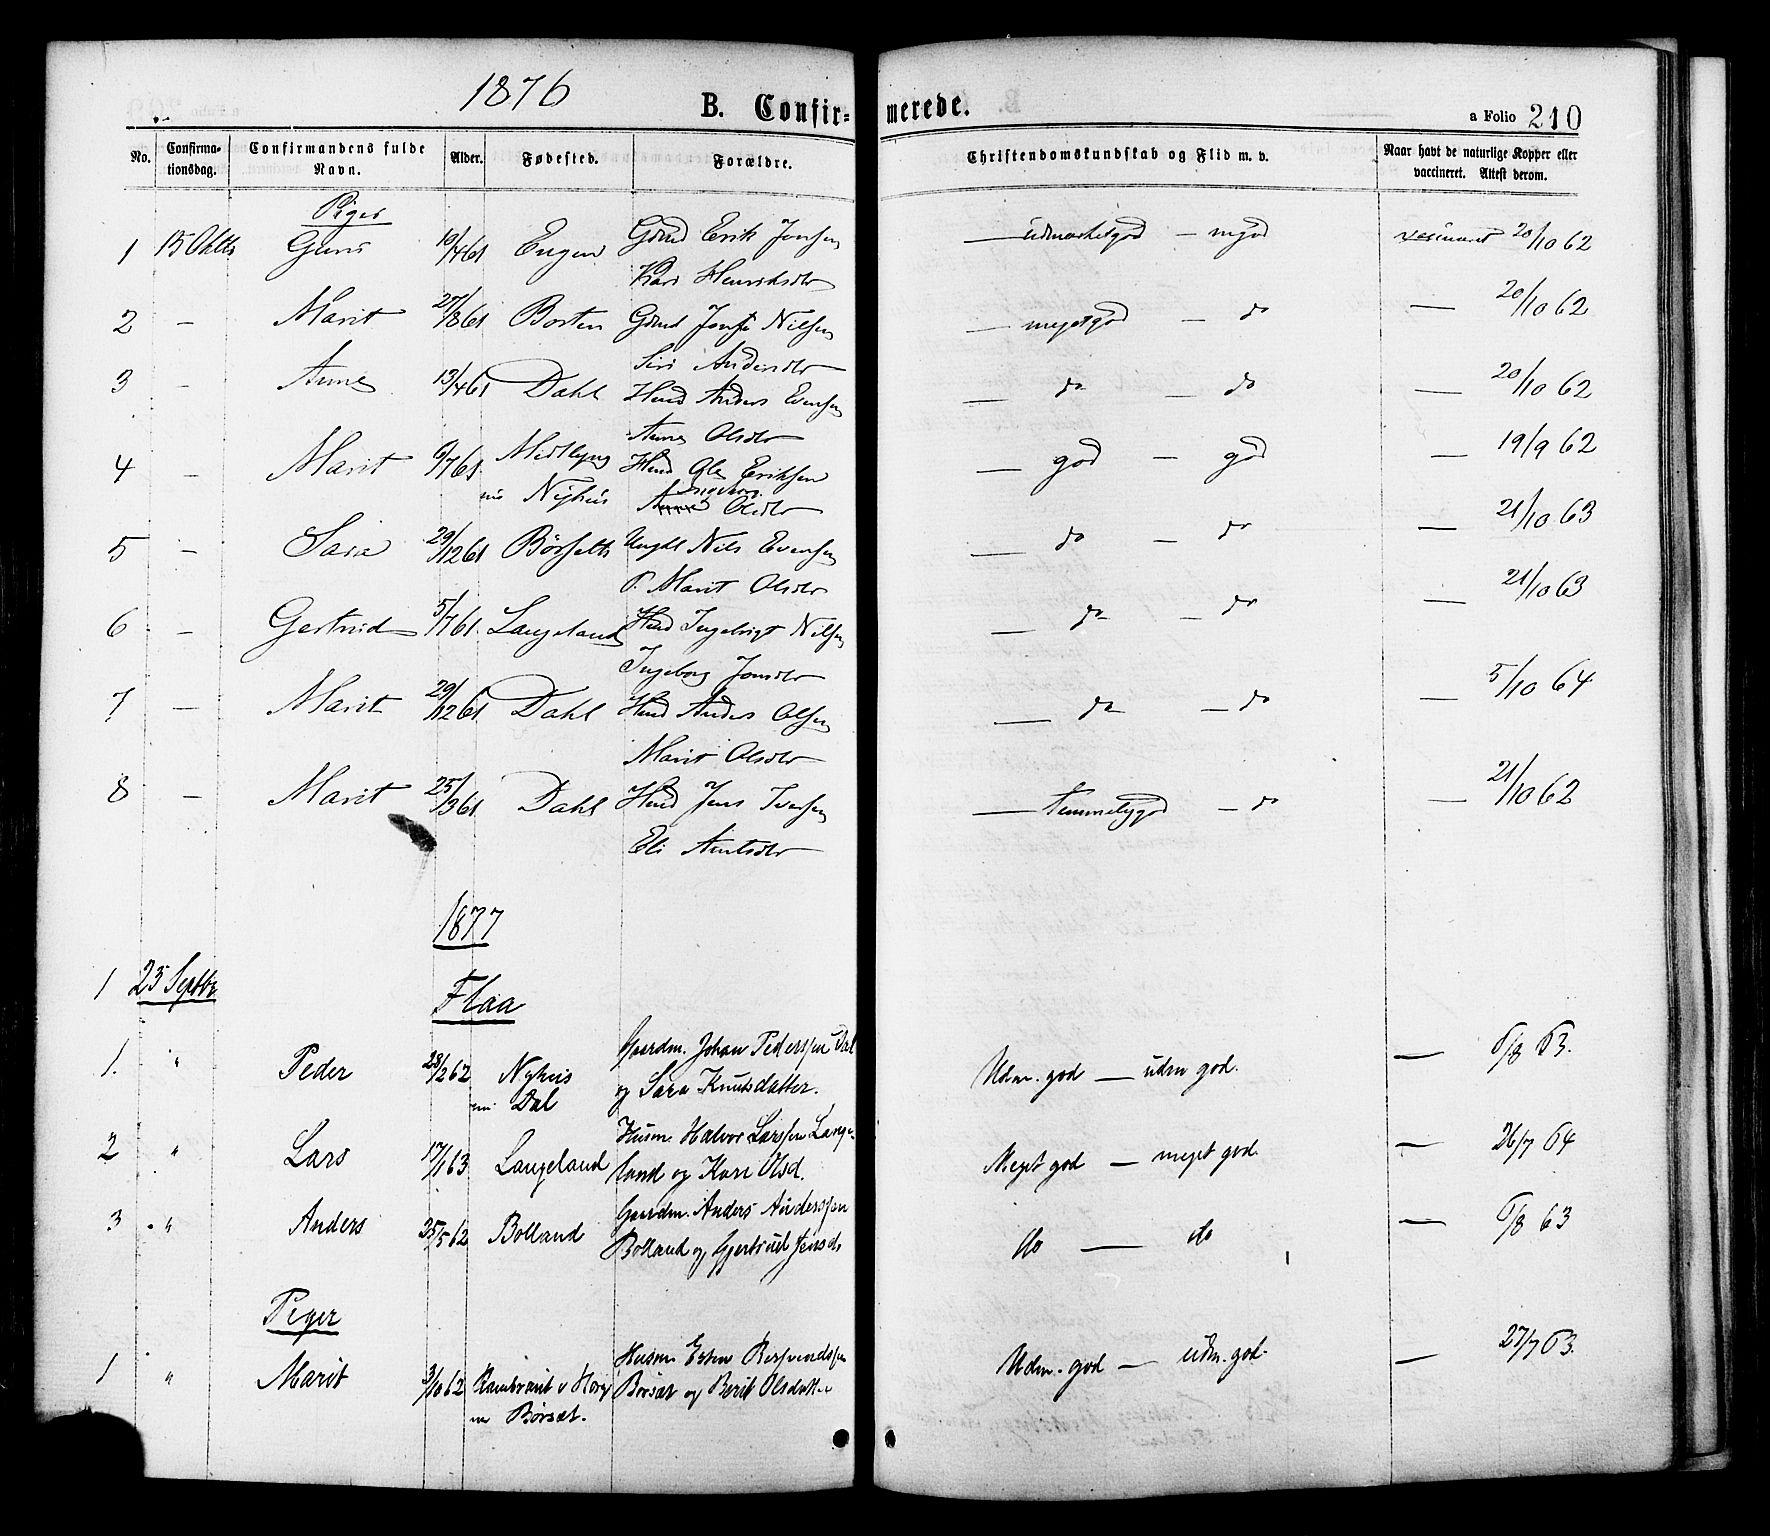 SAT, Ministerialprotokoller, klokkerbøker og fødselsregistre - Sør-Trøndelag, 691/L1079: Ministerialbok nr. 691A11, 1873-1886, s. 210